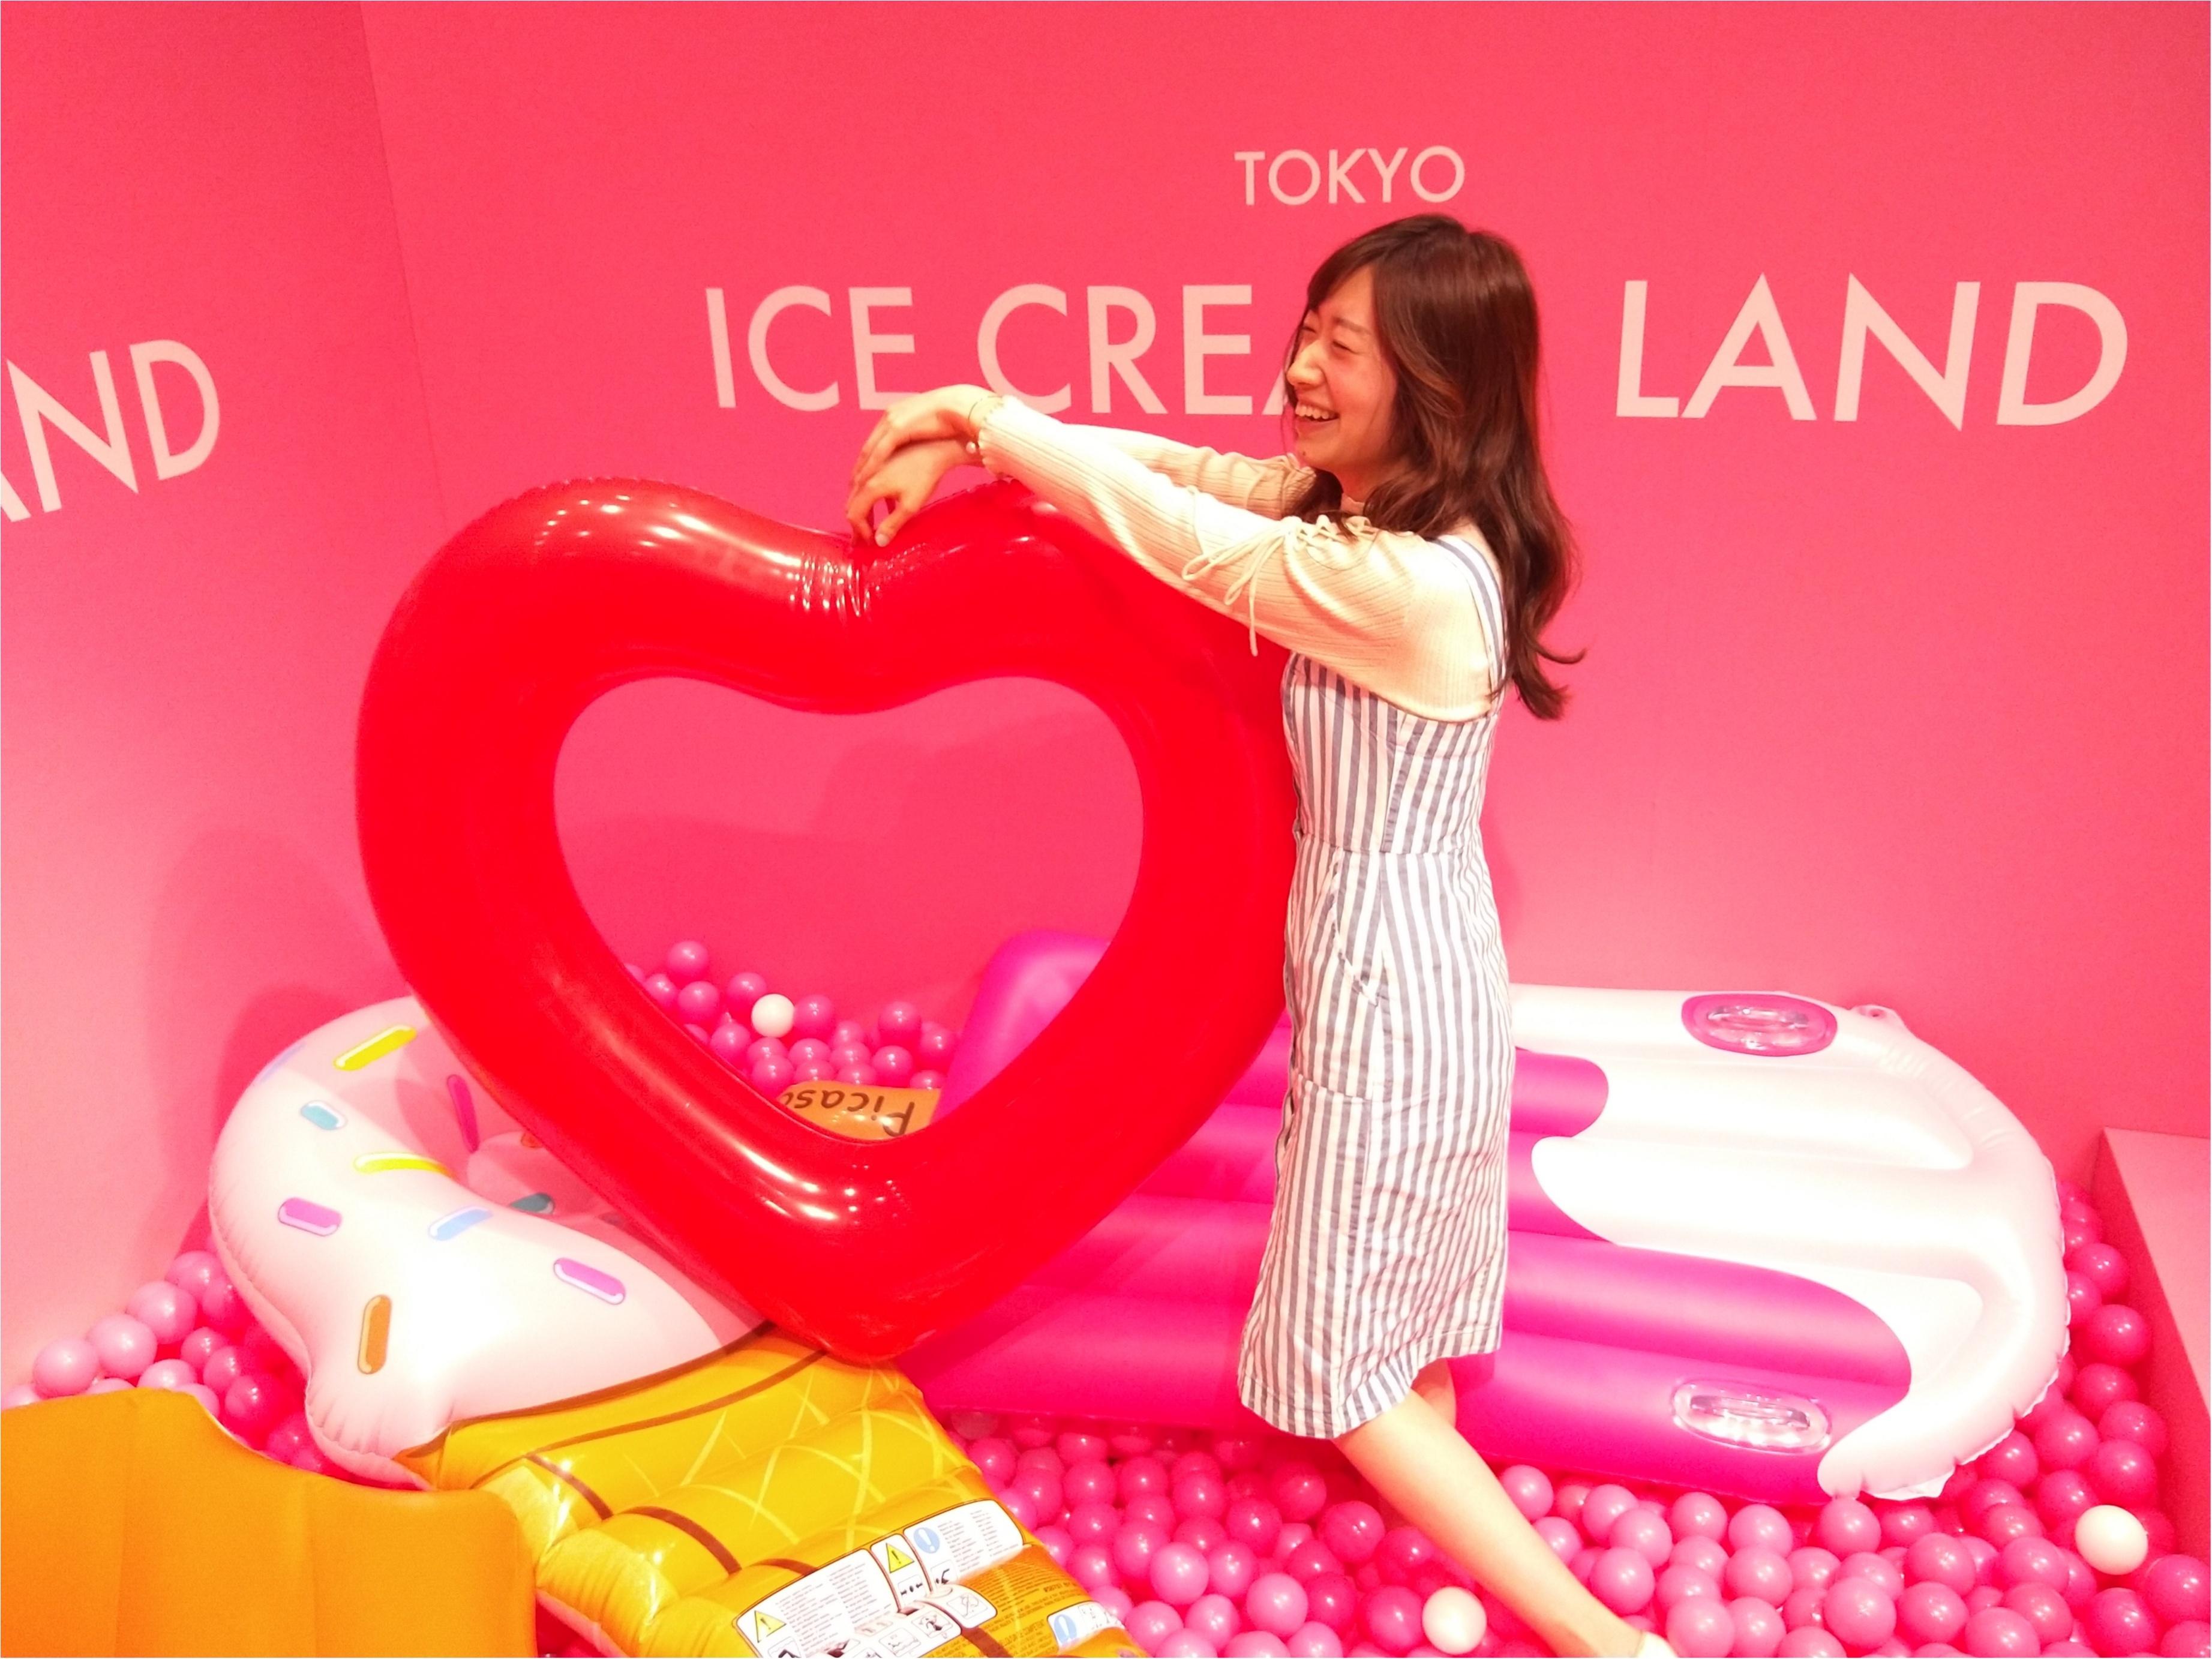 アイスクリームの夢の国「ICE CREAM LAND」でフォトジェニック空間を満喫♡横浜コレットマーレ5/27まで!_6_2